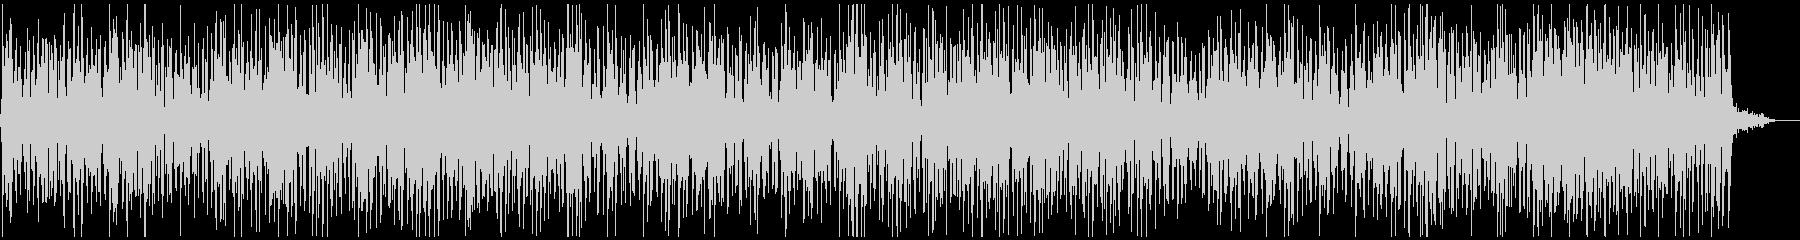 かわいいウクレレポップの未再生の波形